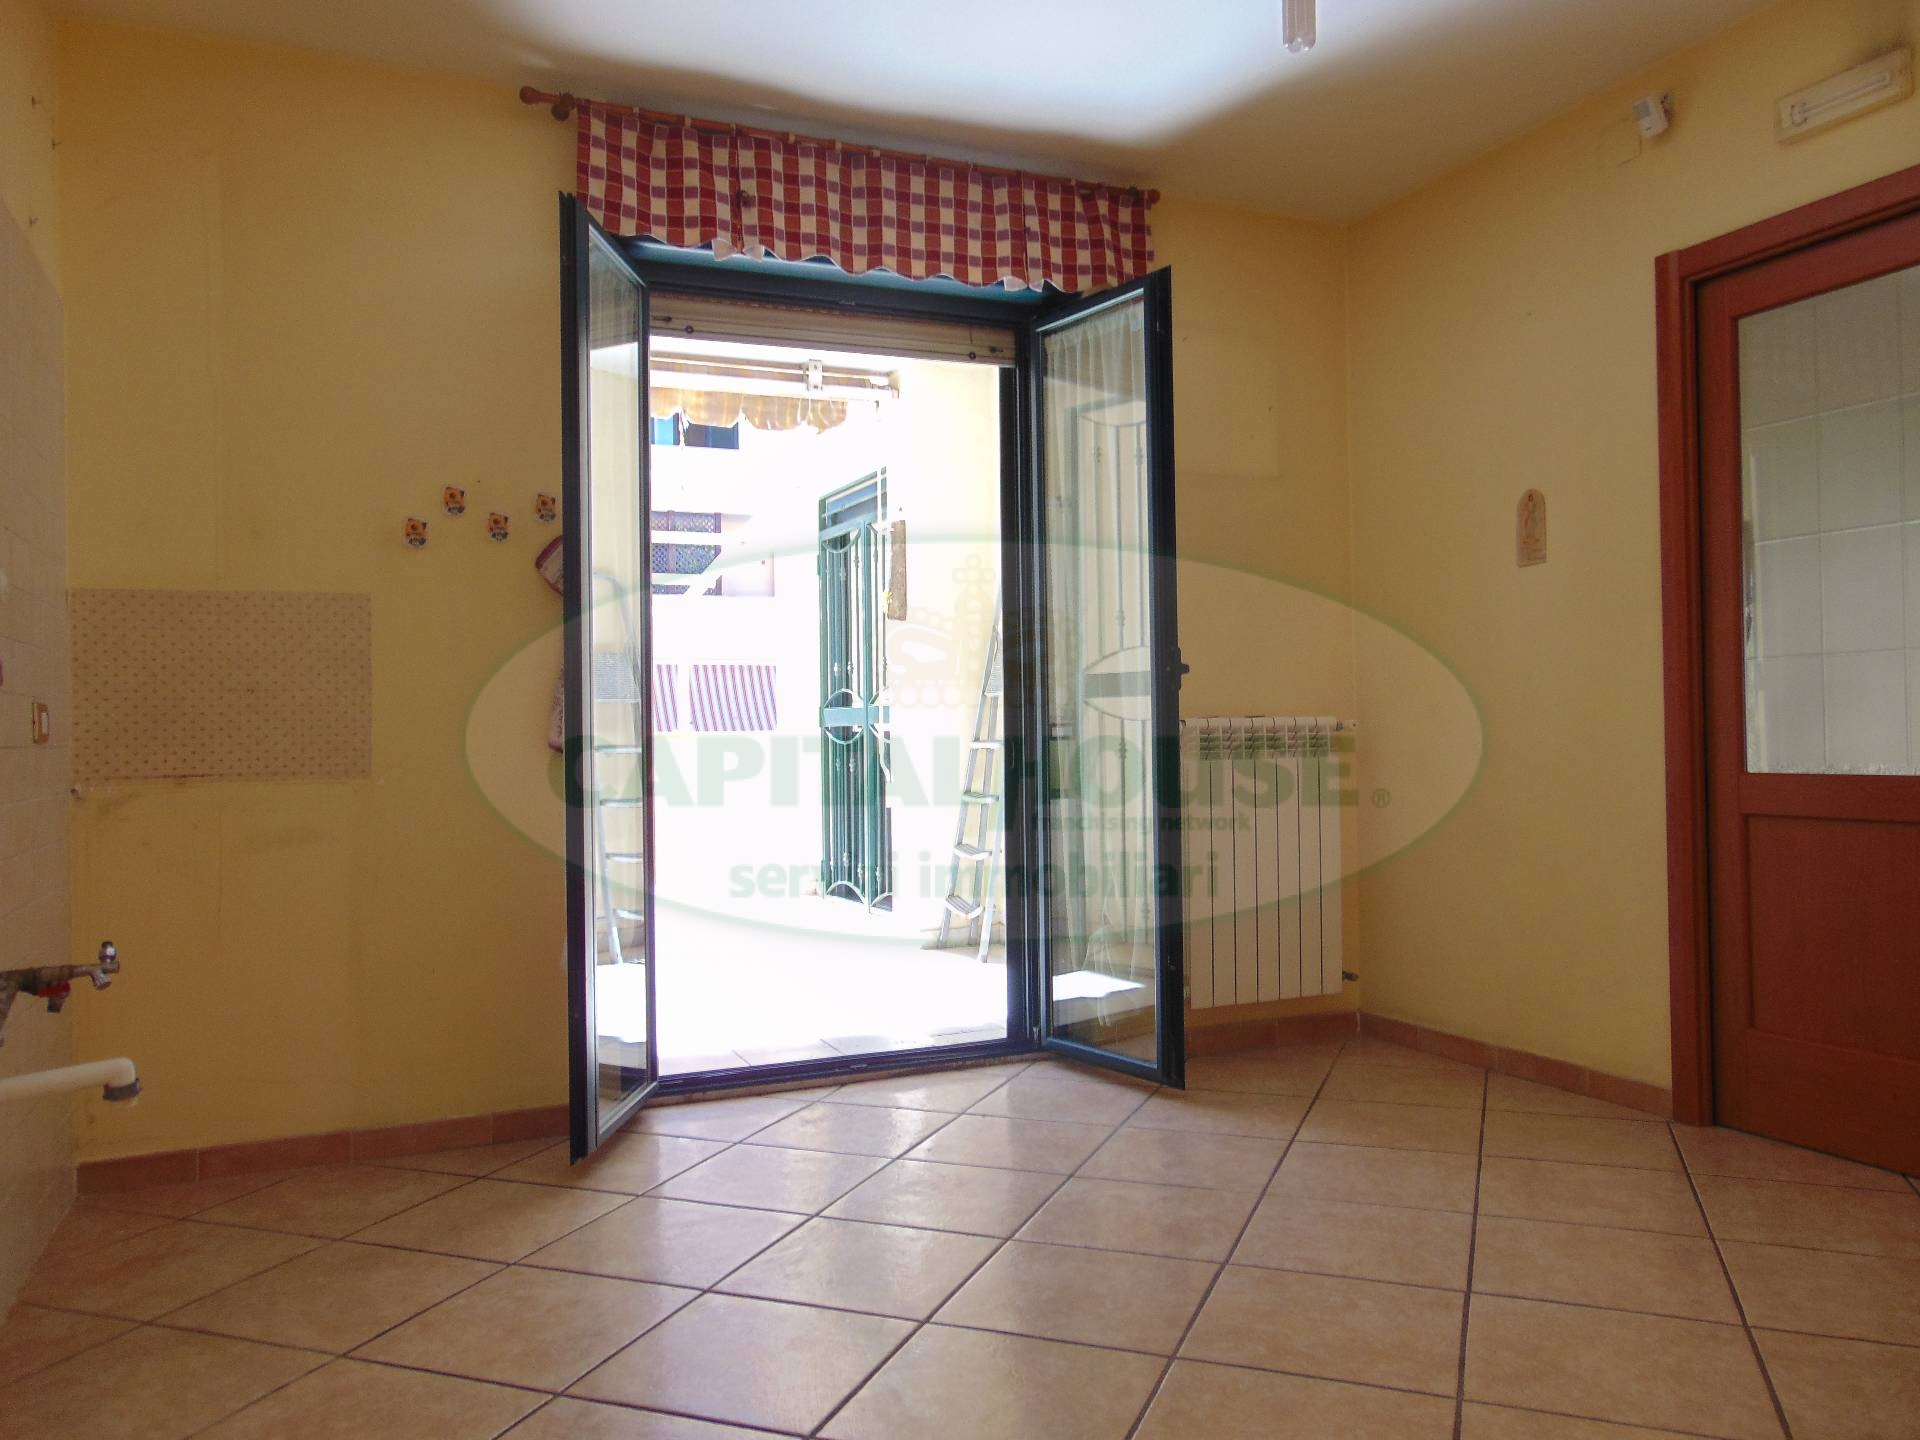 Appartamento in vendita a San Prisco, 4 locali, zona Località: ZonaPiscina, prezzo € 189.000   CambioCasa.it